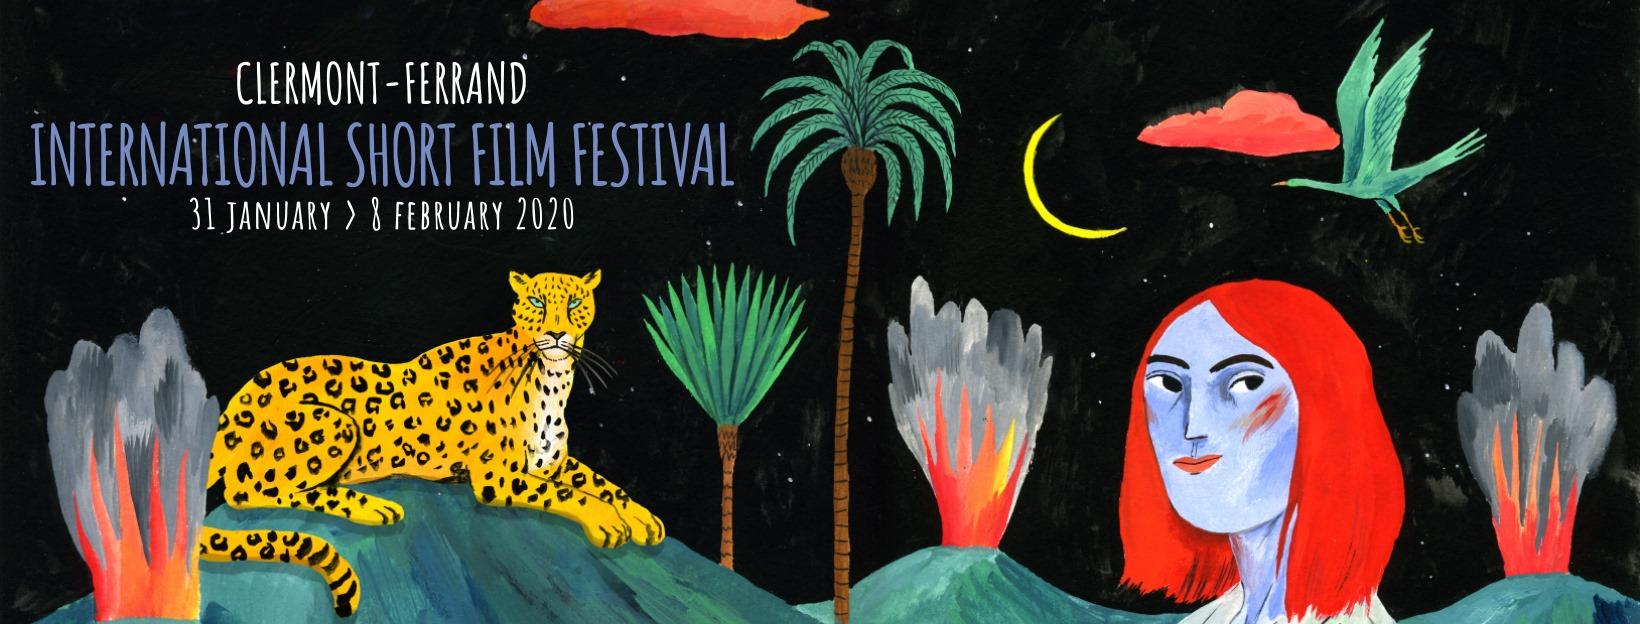 Affiche Festival international de court métrage de Clermont-Ferrand